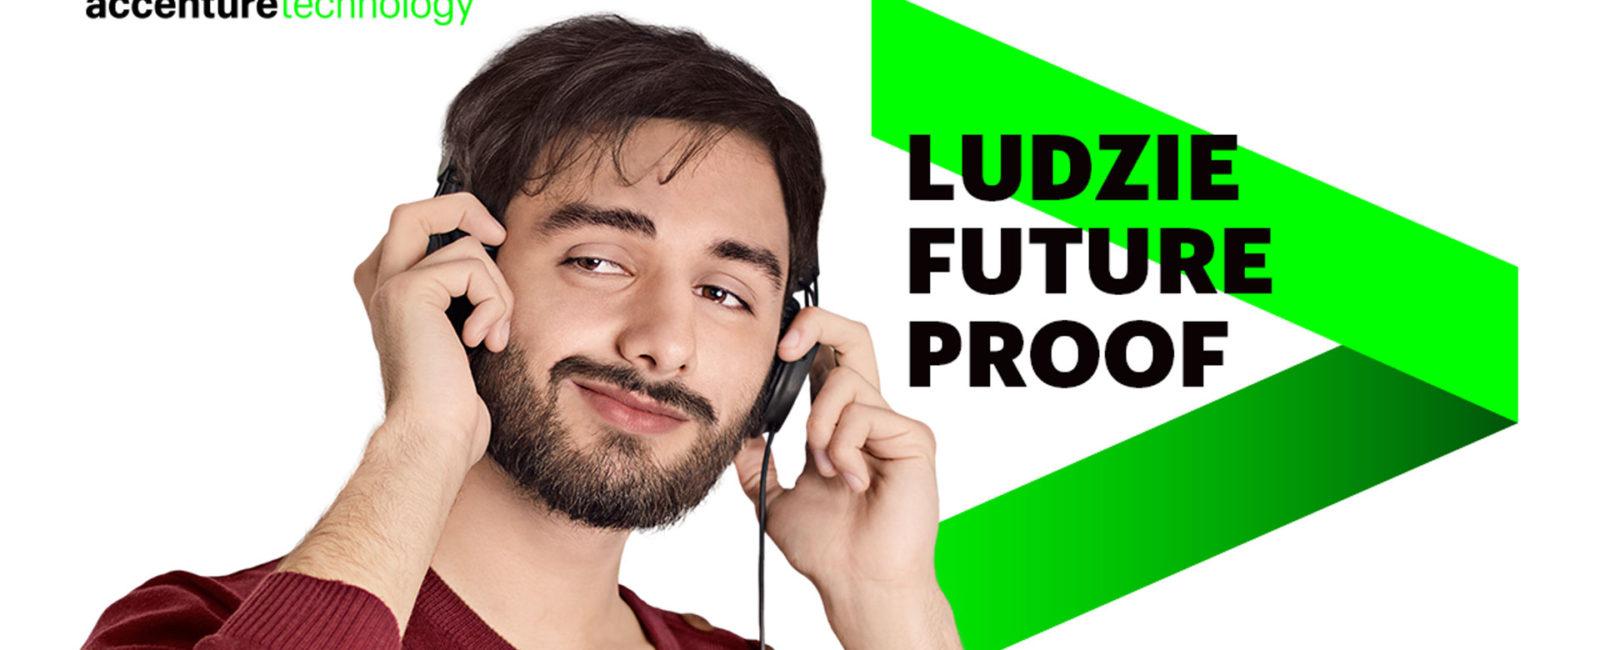 Accenture praca w Łodzi